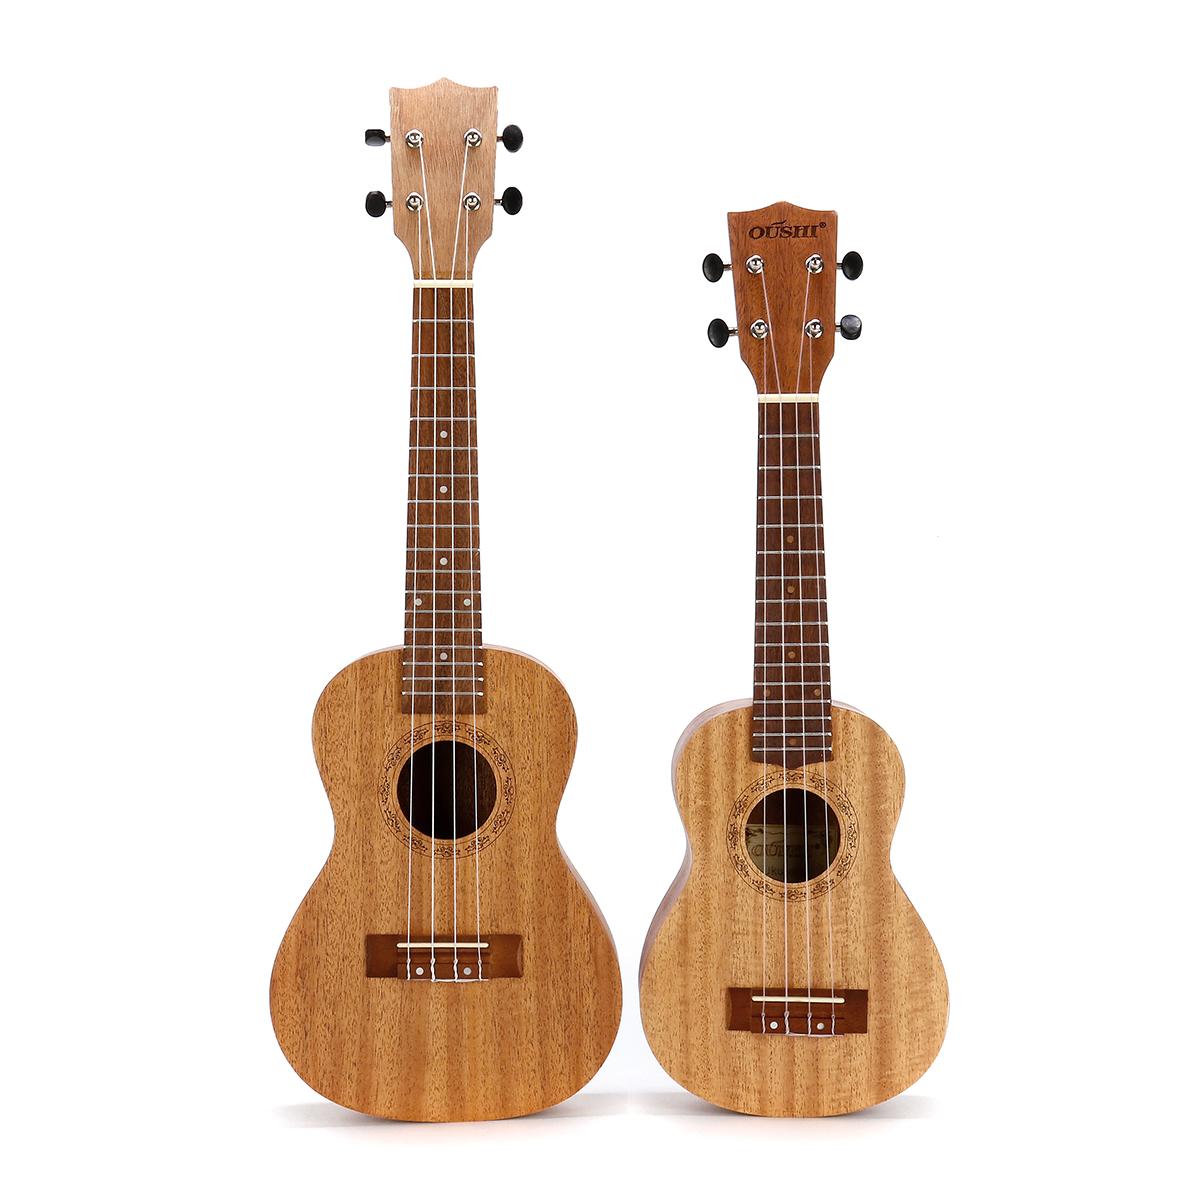 21 23 дюймов 4-х струнная гитара укулеле из красного дерева укулеле с Сумка фото